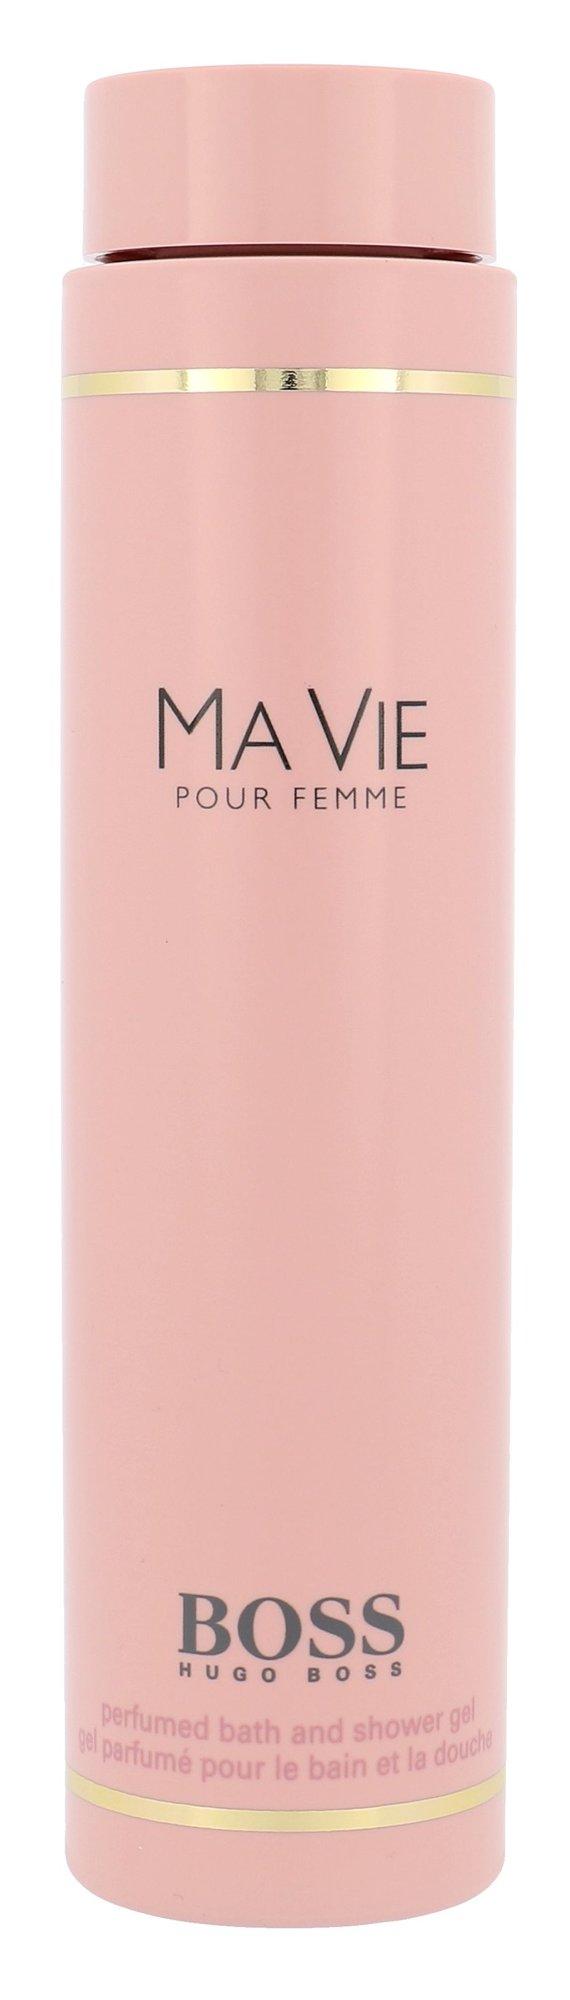 HUGO BOSS Boss Ma Vie Pour Femme Shower gel 200ml